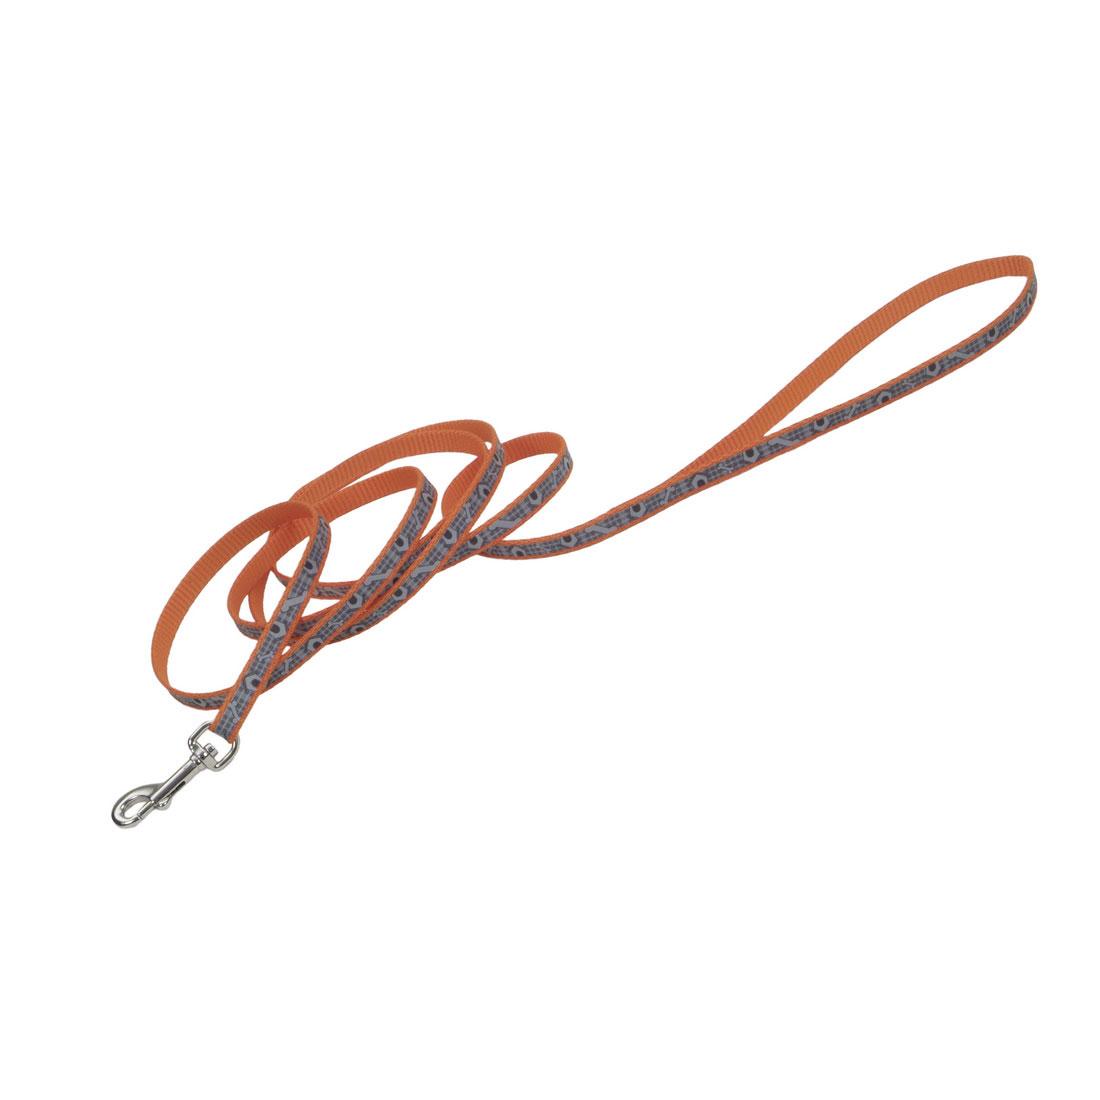 Lazer Brite Reflective Dog Leash, Orange Dog Houses Image